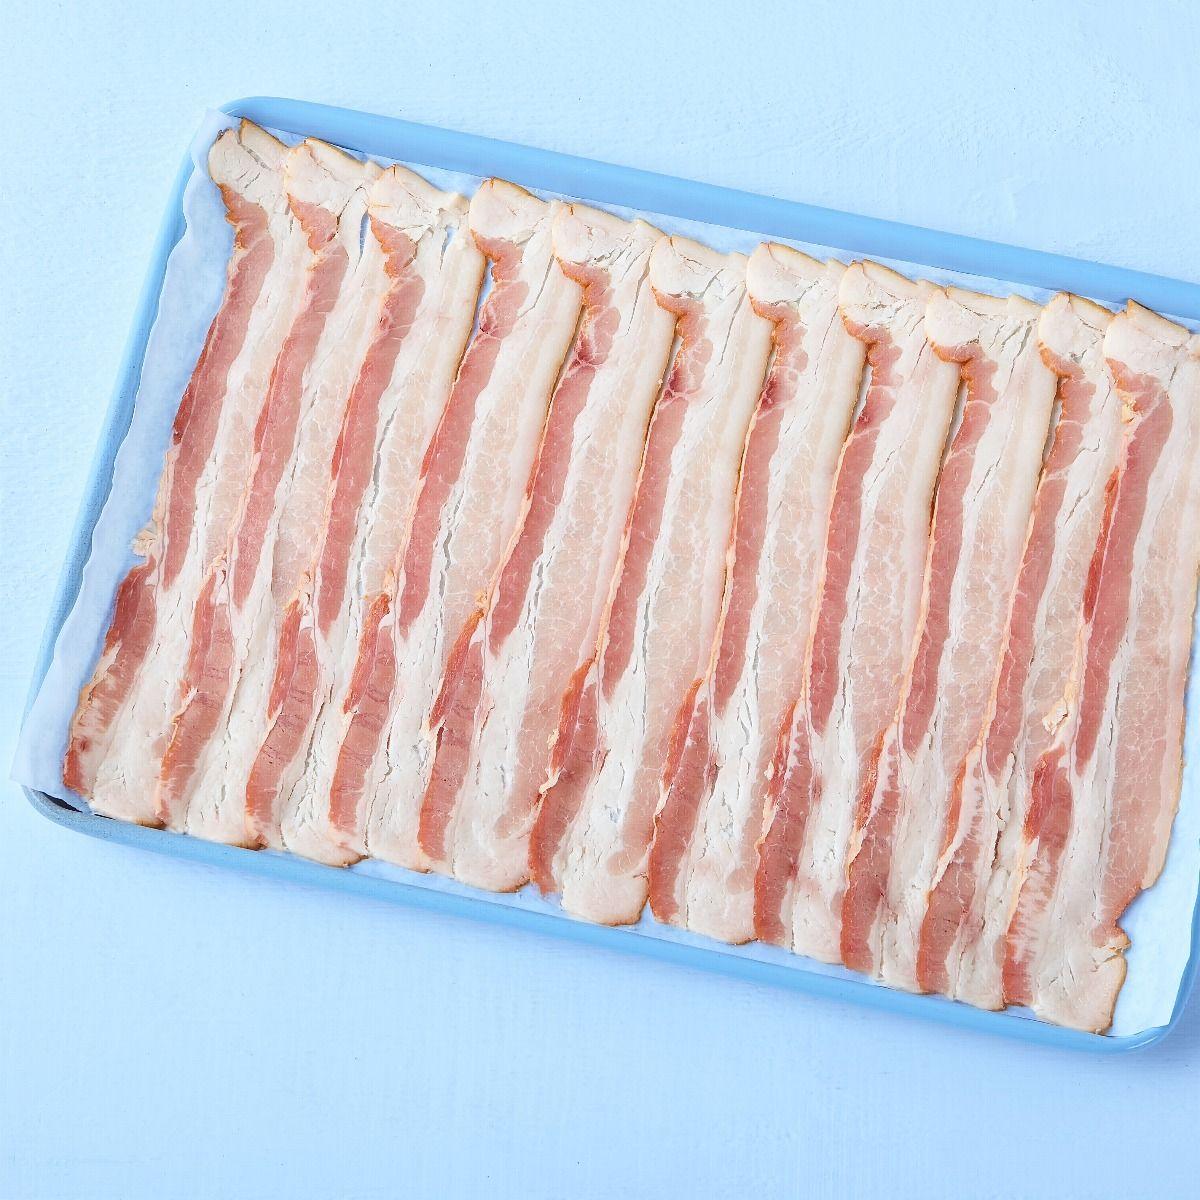 Bacon frais tranché étalé 20 tranches / 2'' (anciennement 16-18/Lb)